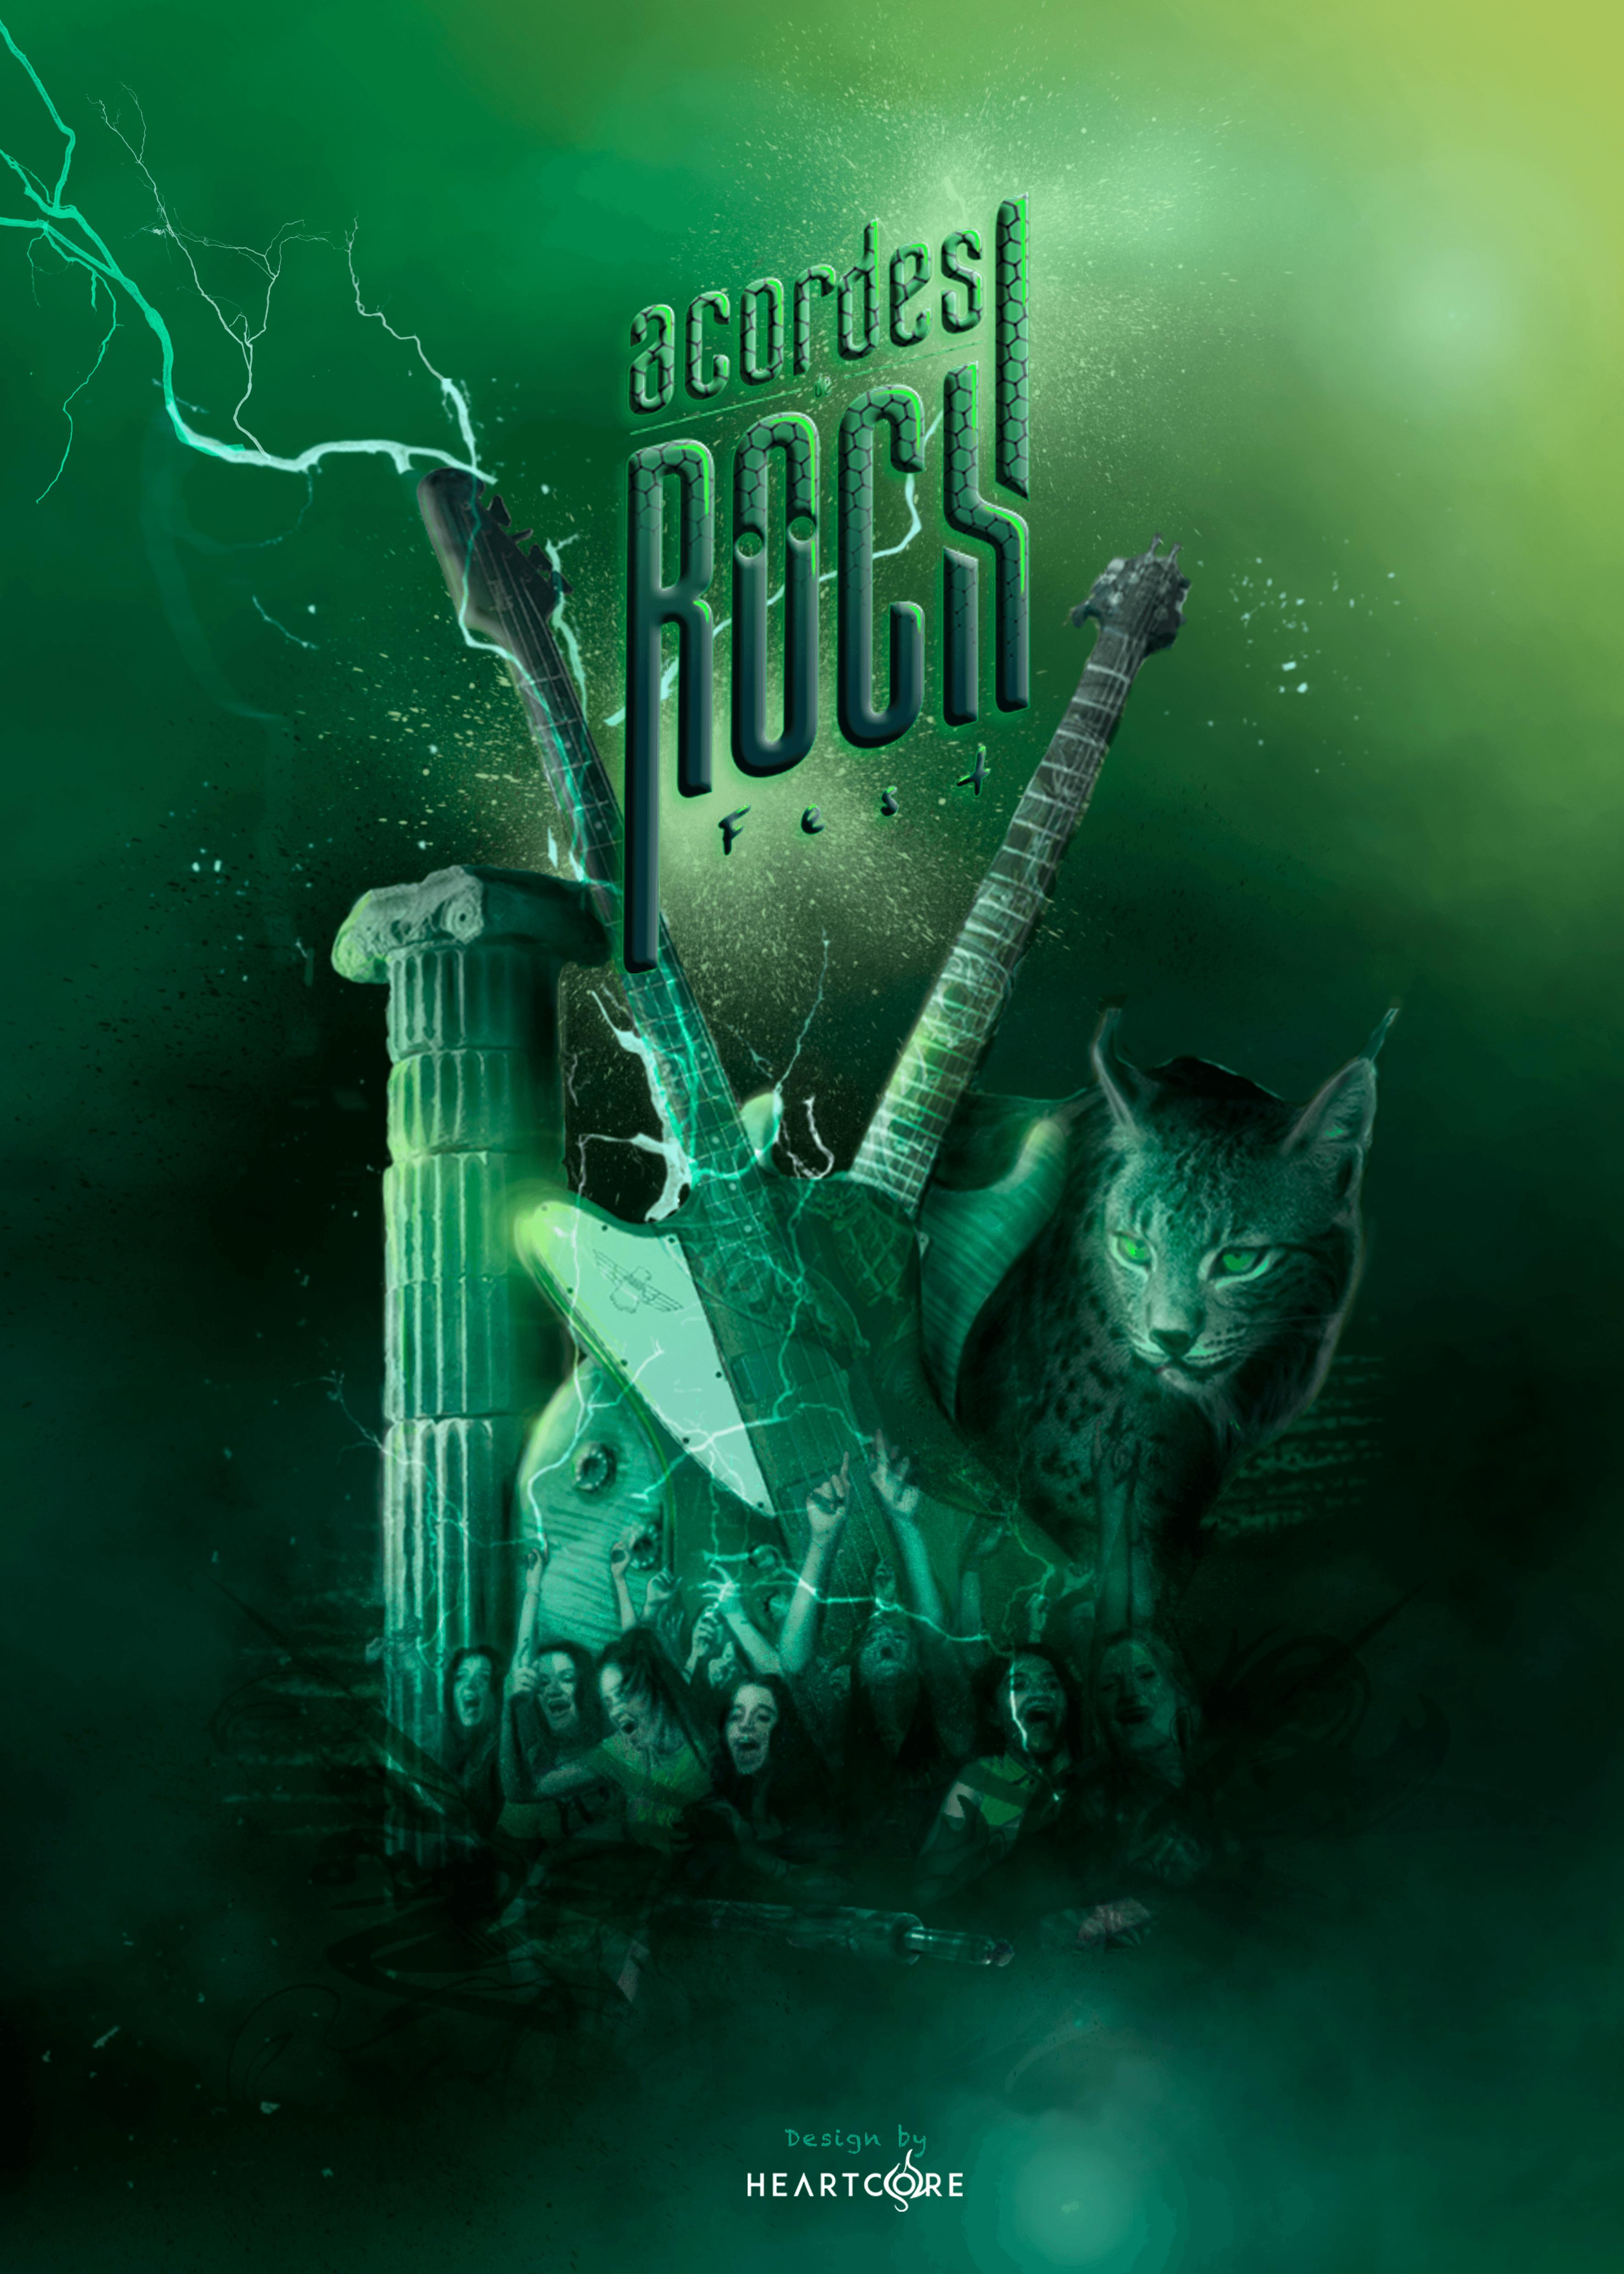 acordes de rock fest